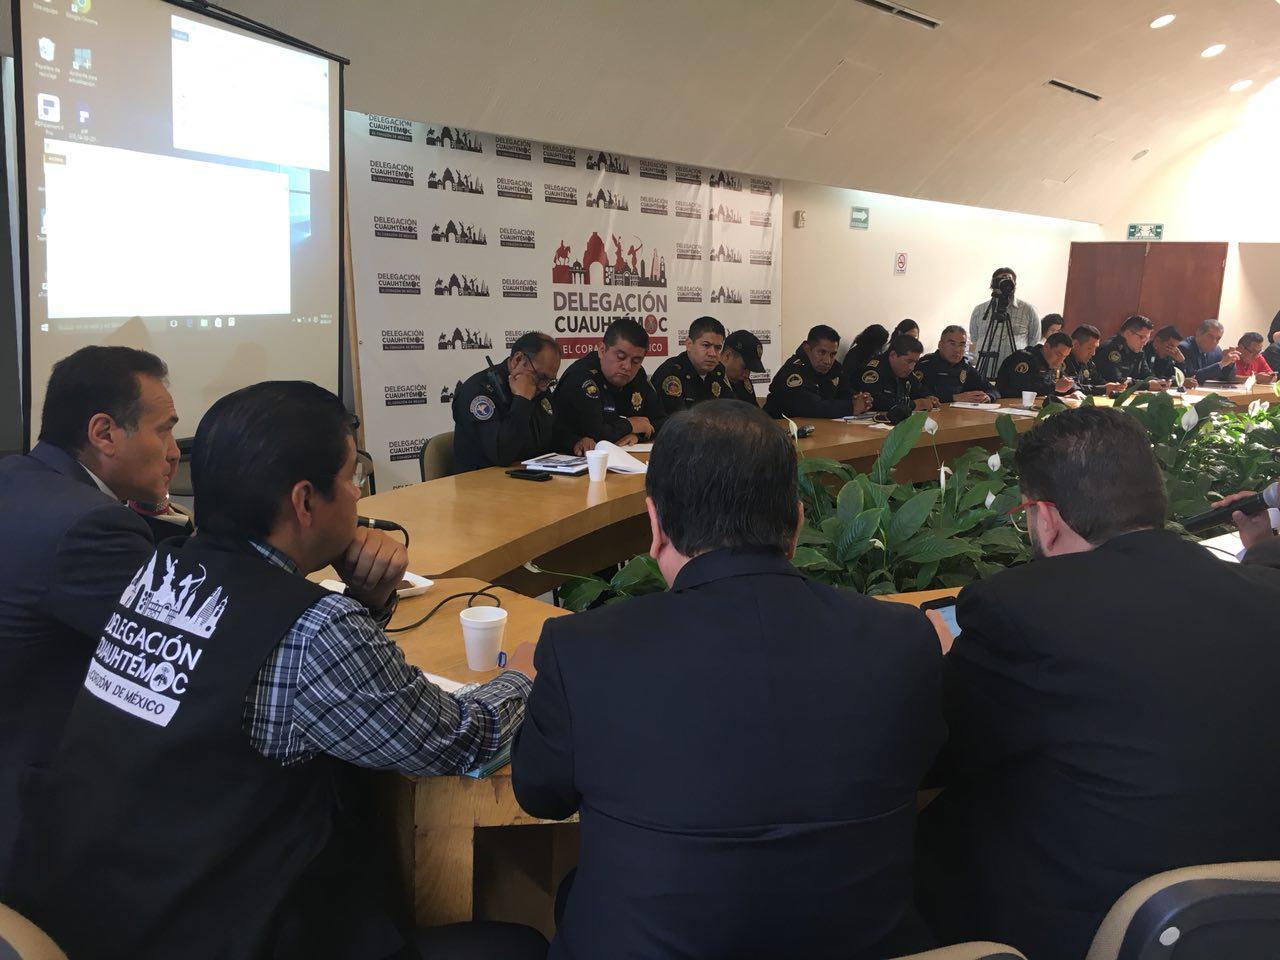 INFORMAN EN CUAUHTÉMOC SOBRE ACCIONES VINCULADAS CON EL GOBIERNO DE LA CDMX EN SEGURIDAD